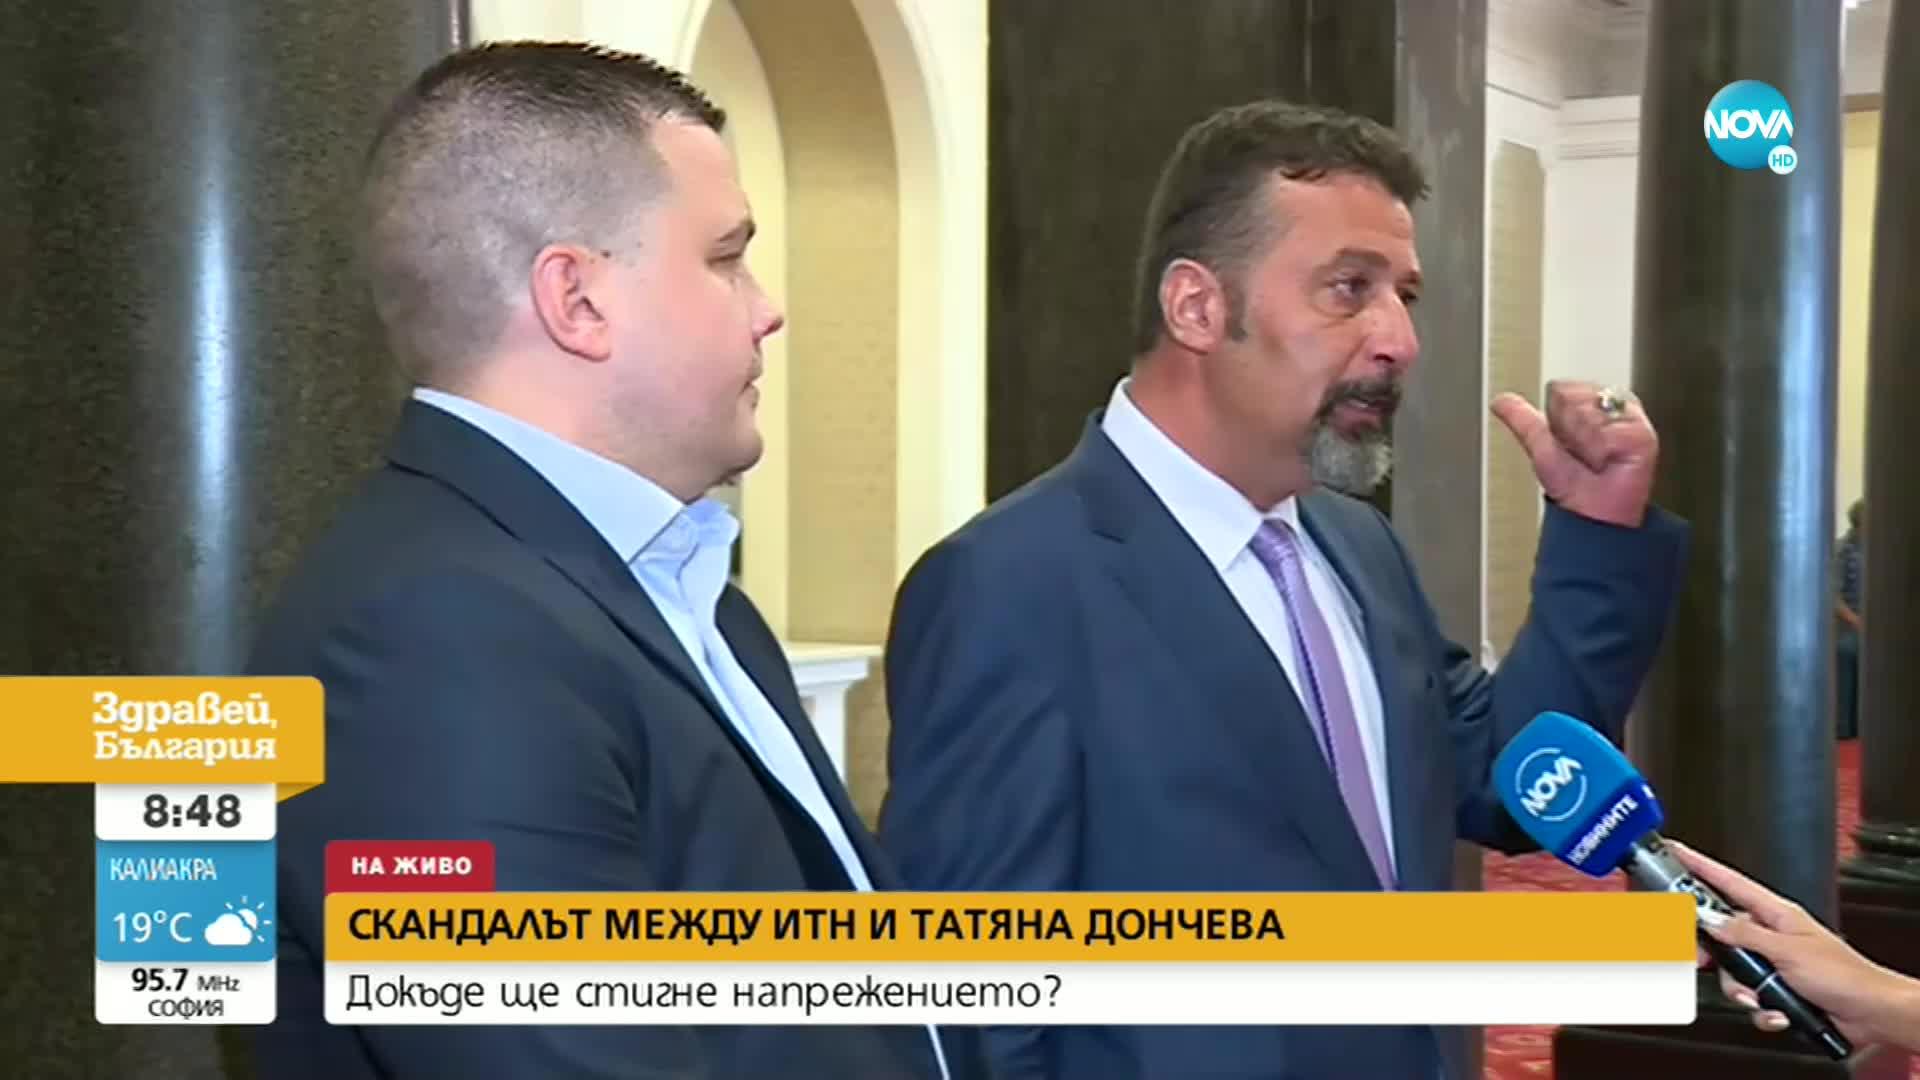 Станев: Когато мисля за Дончева, си представям прасенцето касичка на българската корупционна схема